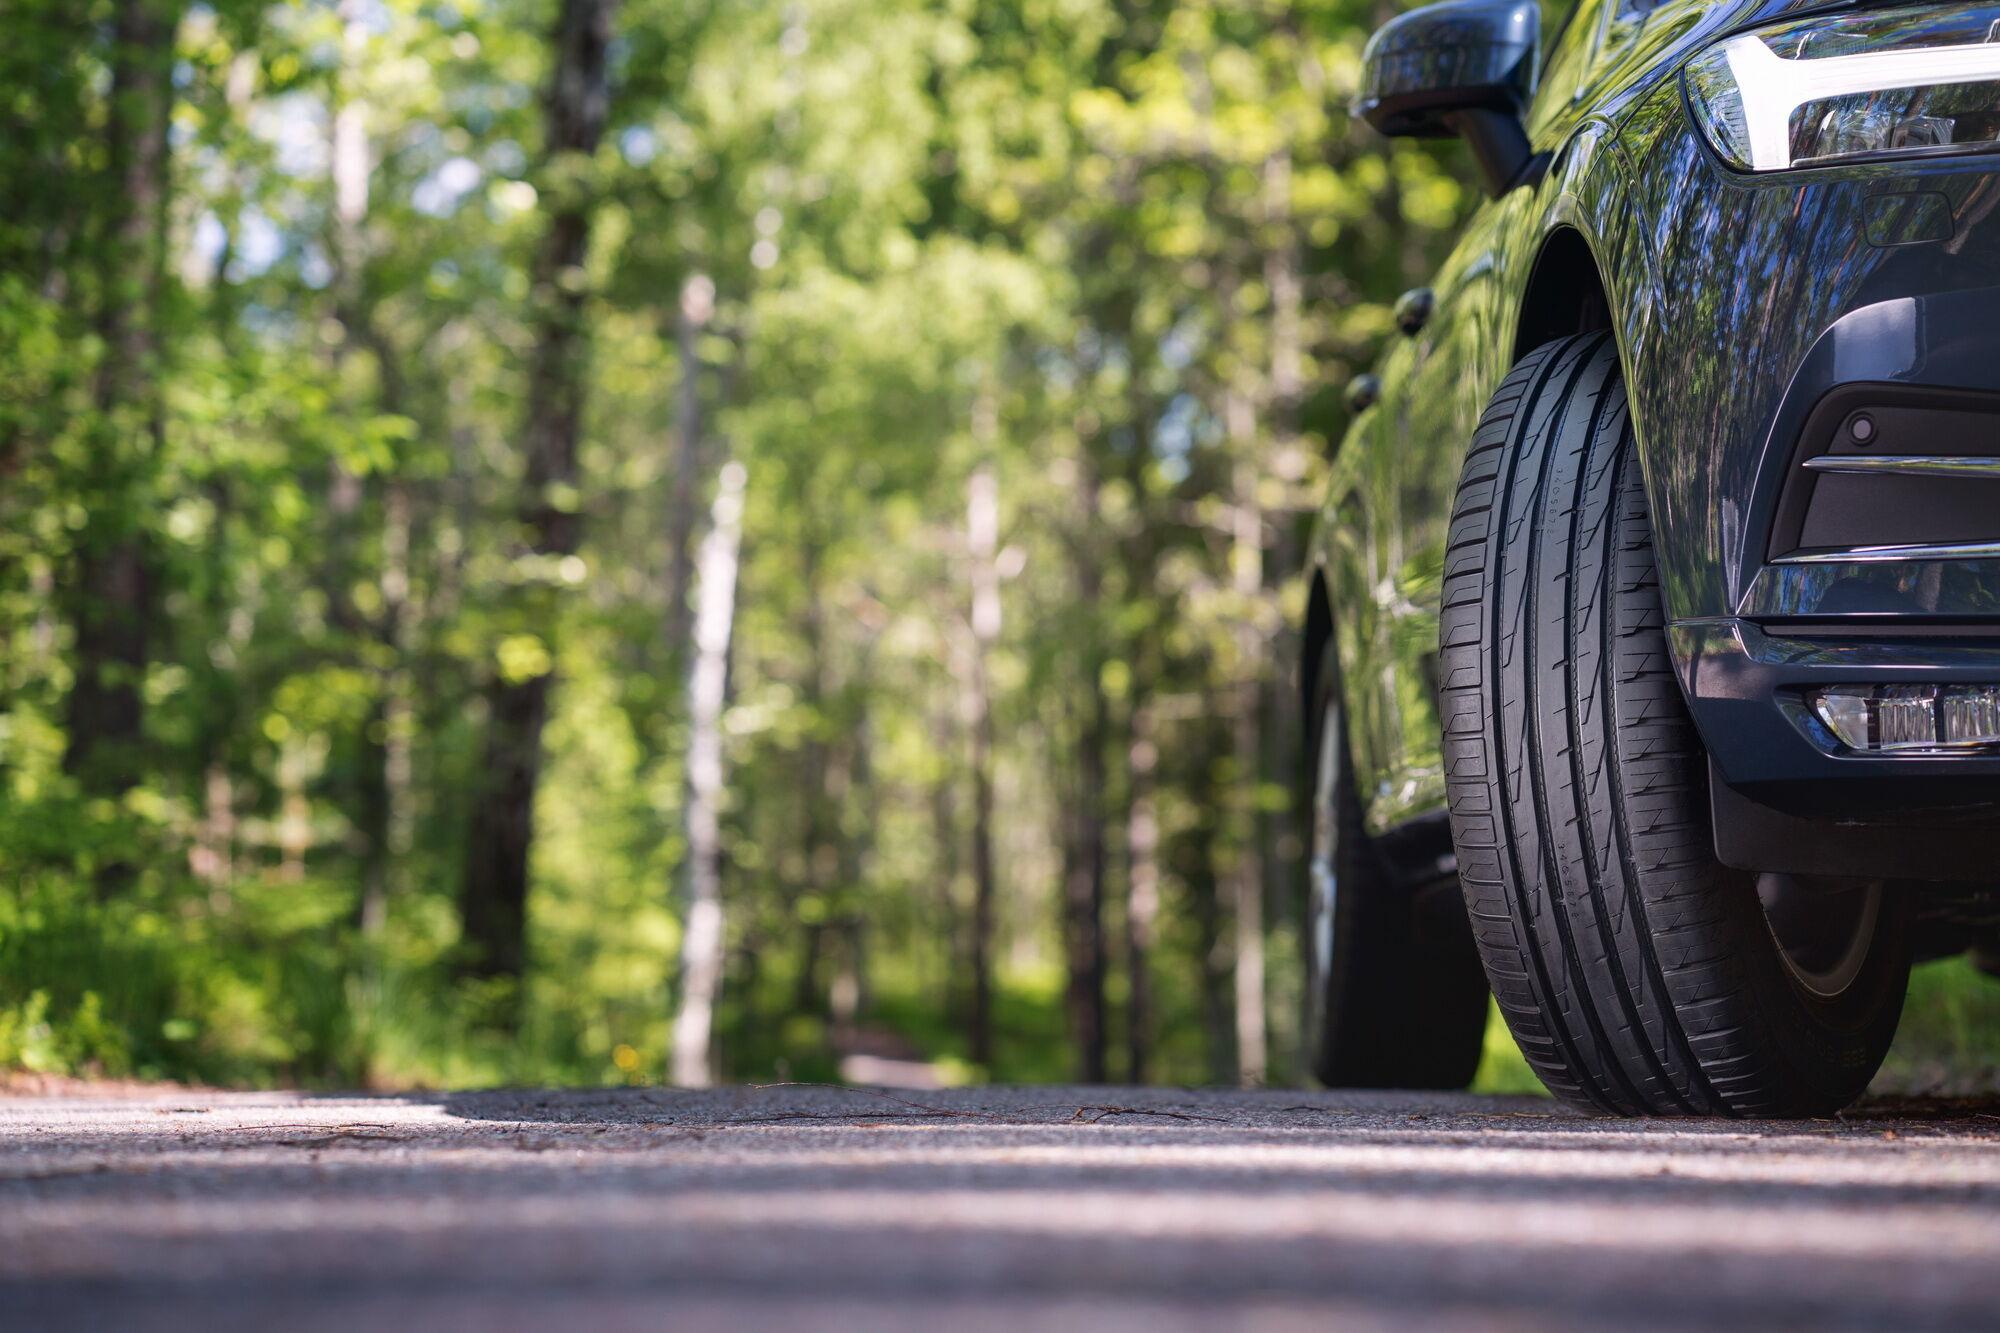 В ассортименте шин Nokian Tyres каждый автолюбитель сможет найти необходимую ему модель для конкретного автомобиля